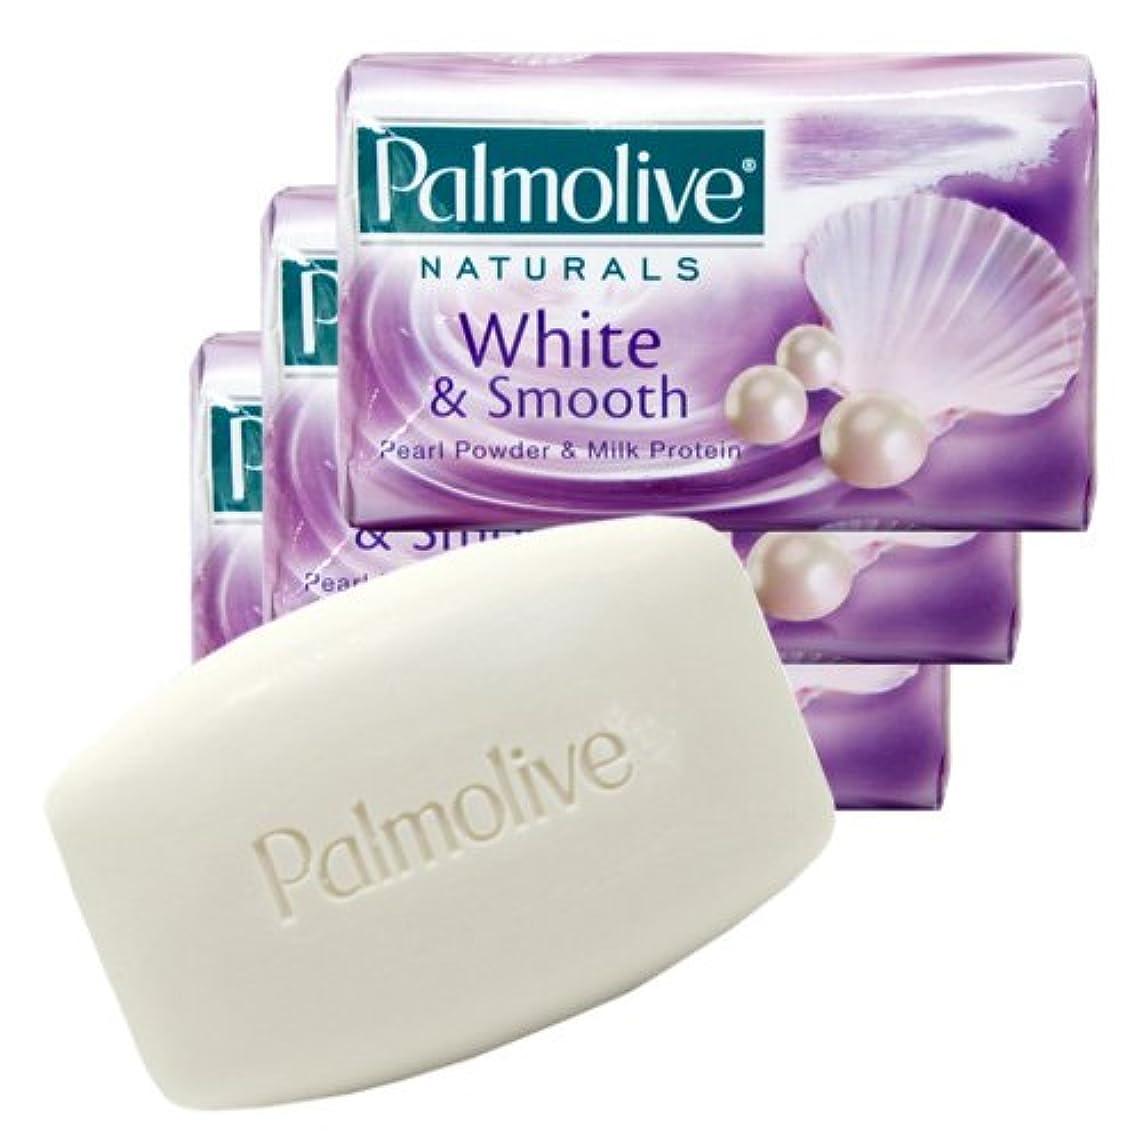 悪魔から悲しむ【Palmolive】パルモリーブ ナチュラルズ石鹸3個パック ホワイト&スムース(パールパウダー&ミルクプロテイン)80g×3